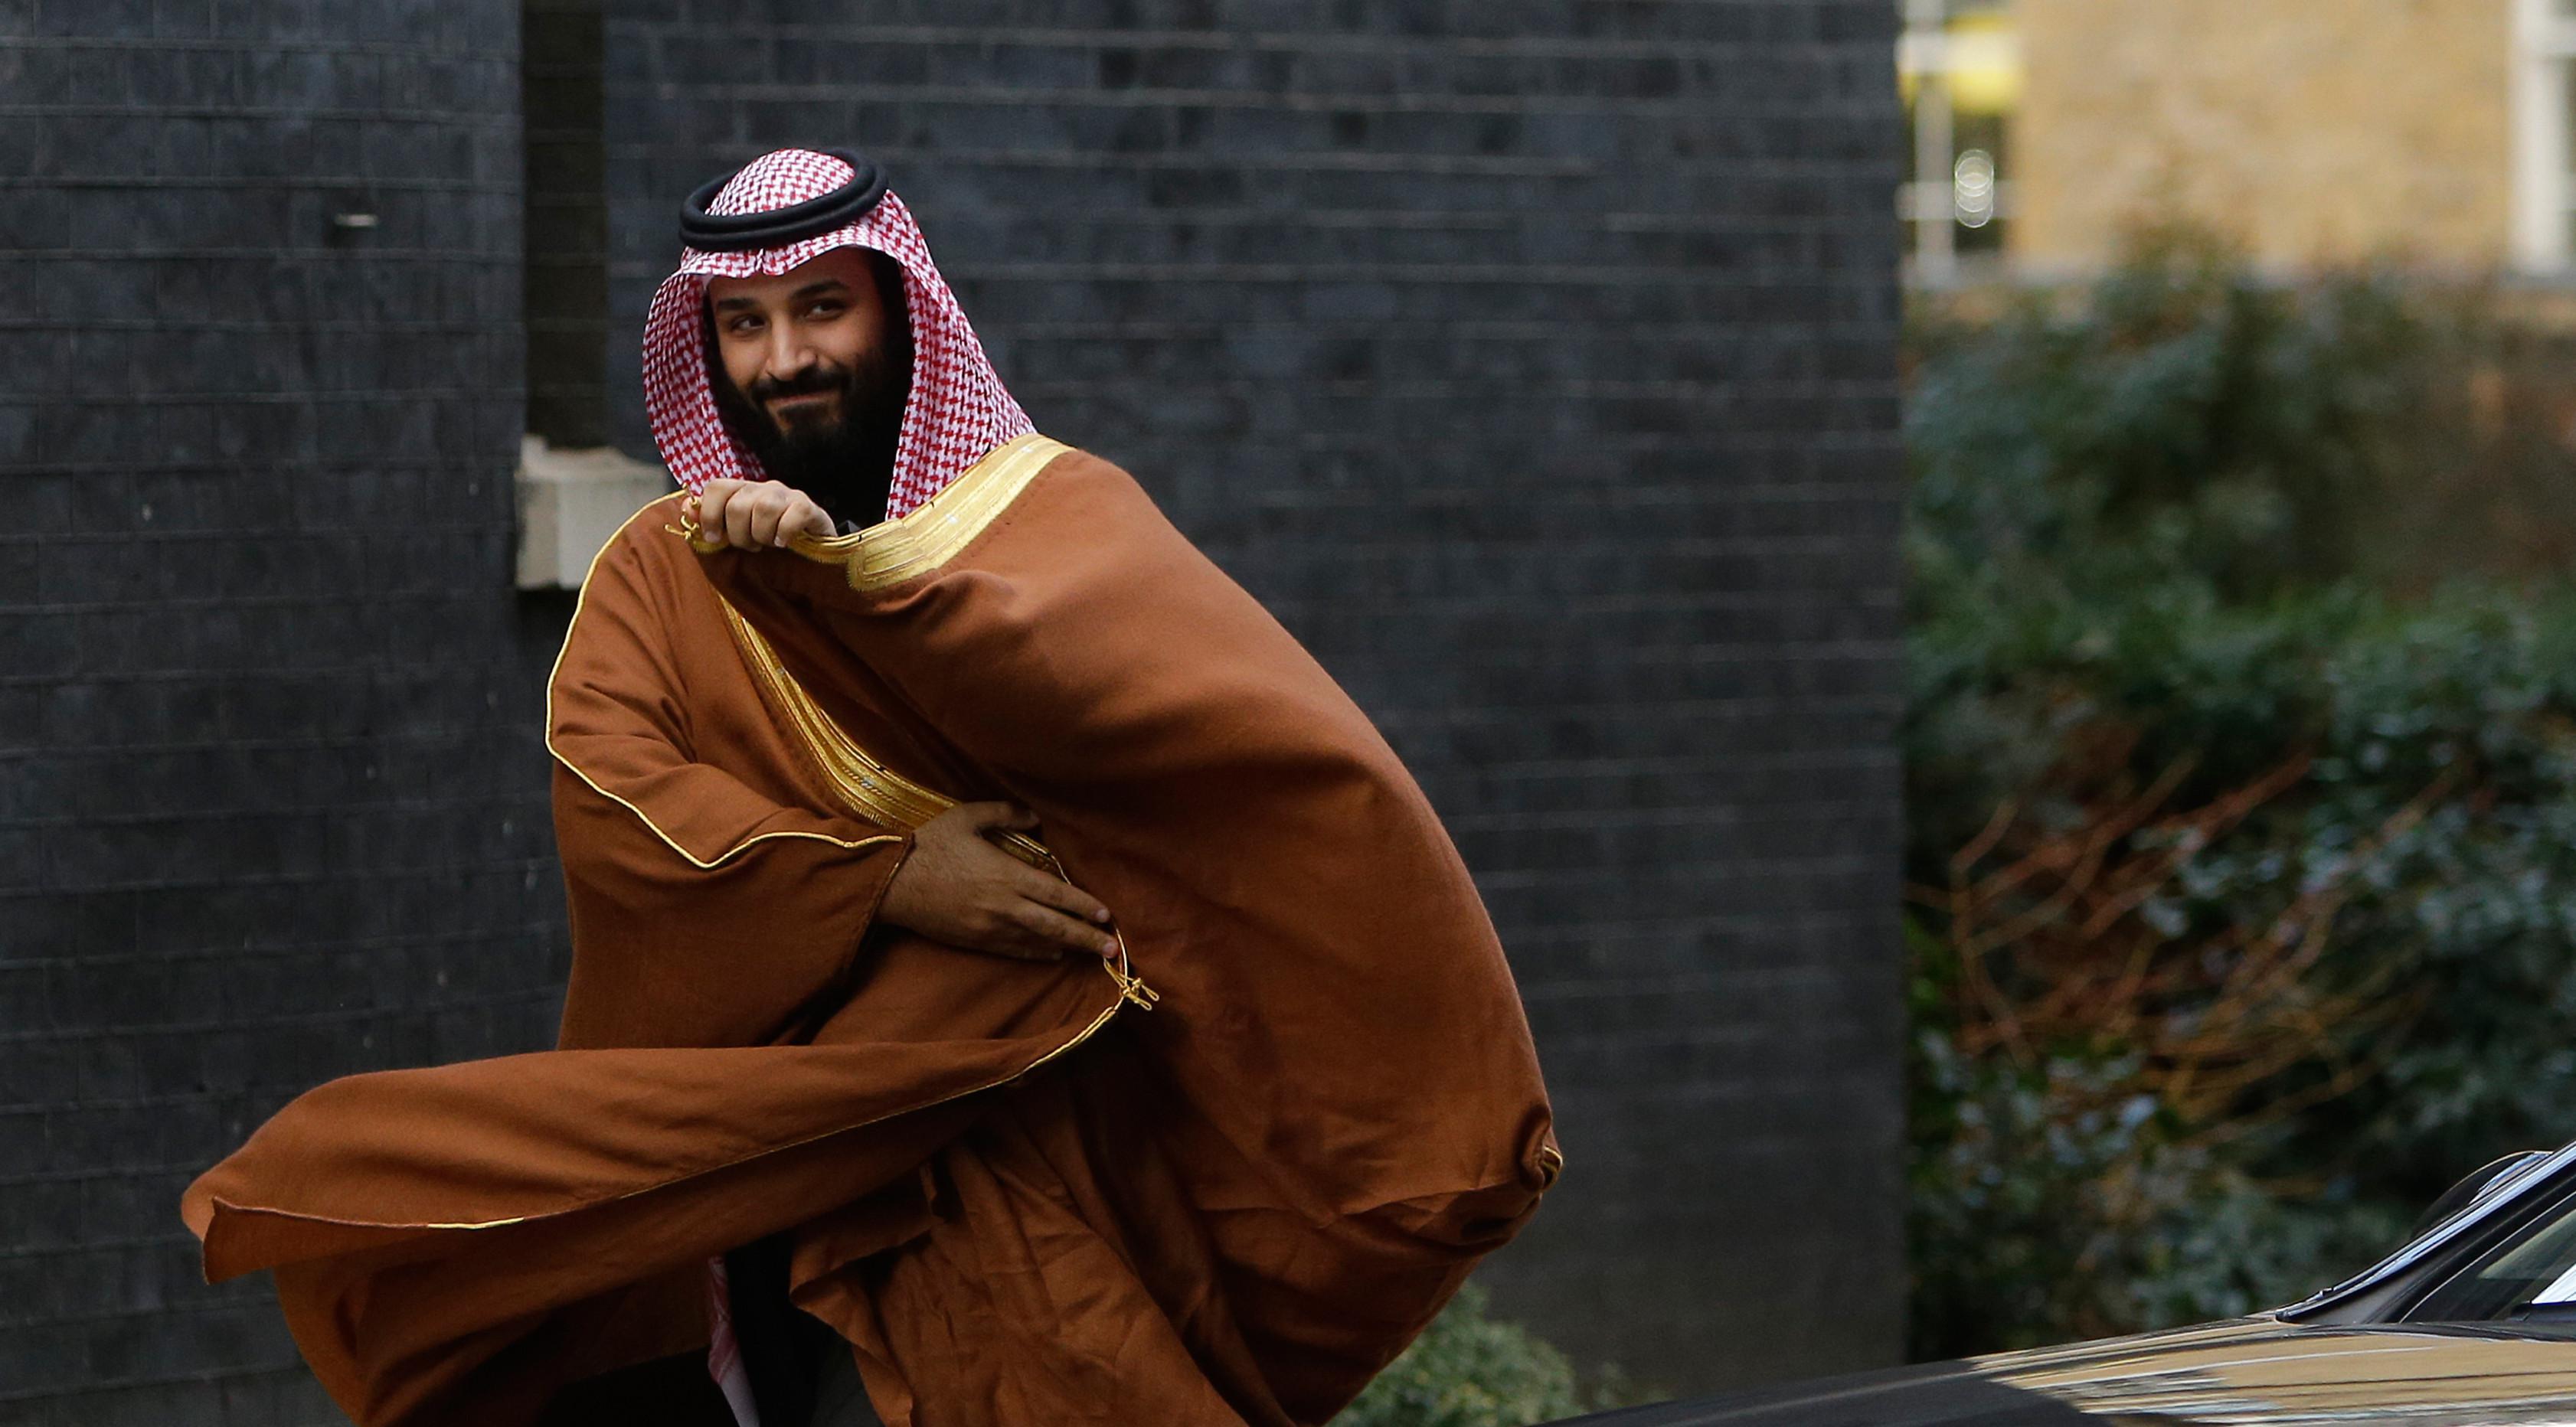 Putra Mahkota Arab Saudi, Pangeran Mohammed bin Salman mengunjungi Perdana Menteri Inggris Theresa May di 10 Downing Street, London, Rabu (7/3). Kunjungan ini dirancang untuk meningkatkan hubungan keamanan dan perdagangan kedua negara. (AP/Alastair Grant)